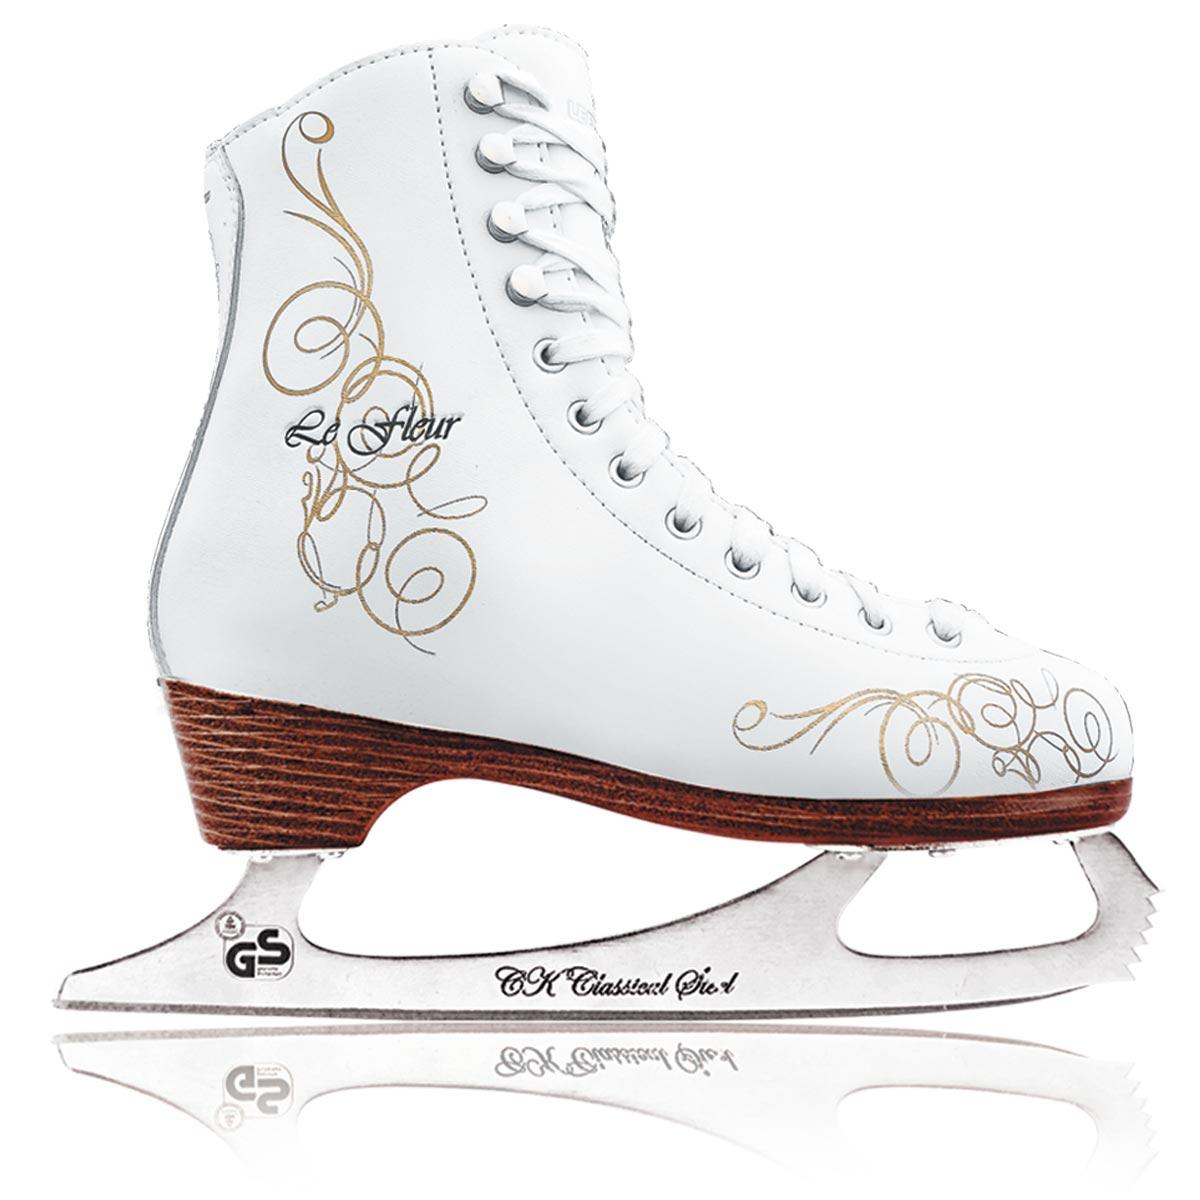 Коньки фигурные женские СК Le Fleur Leather 50/50, цвет: белый, золотой. Размер 39